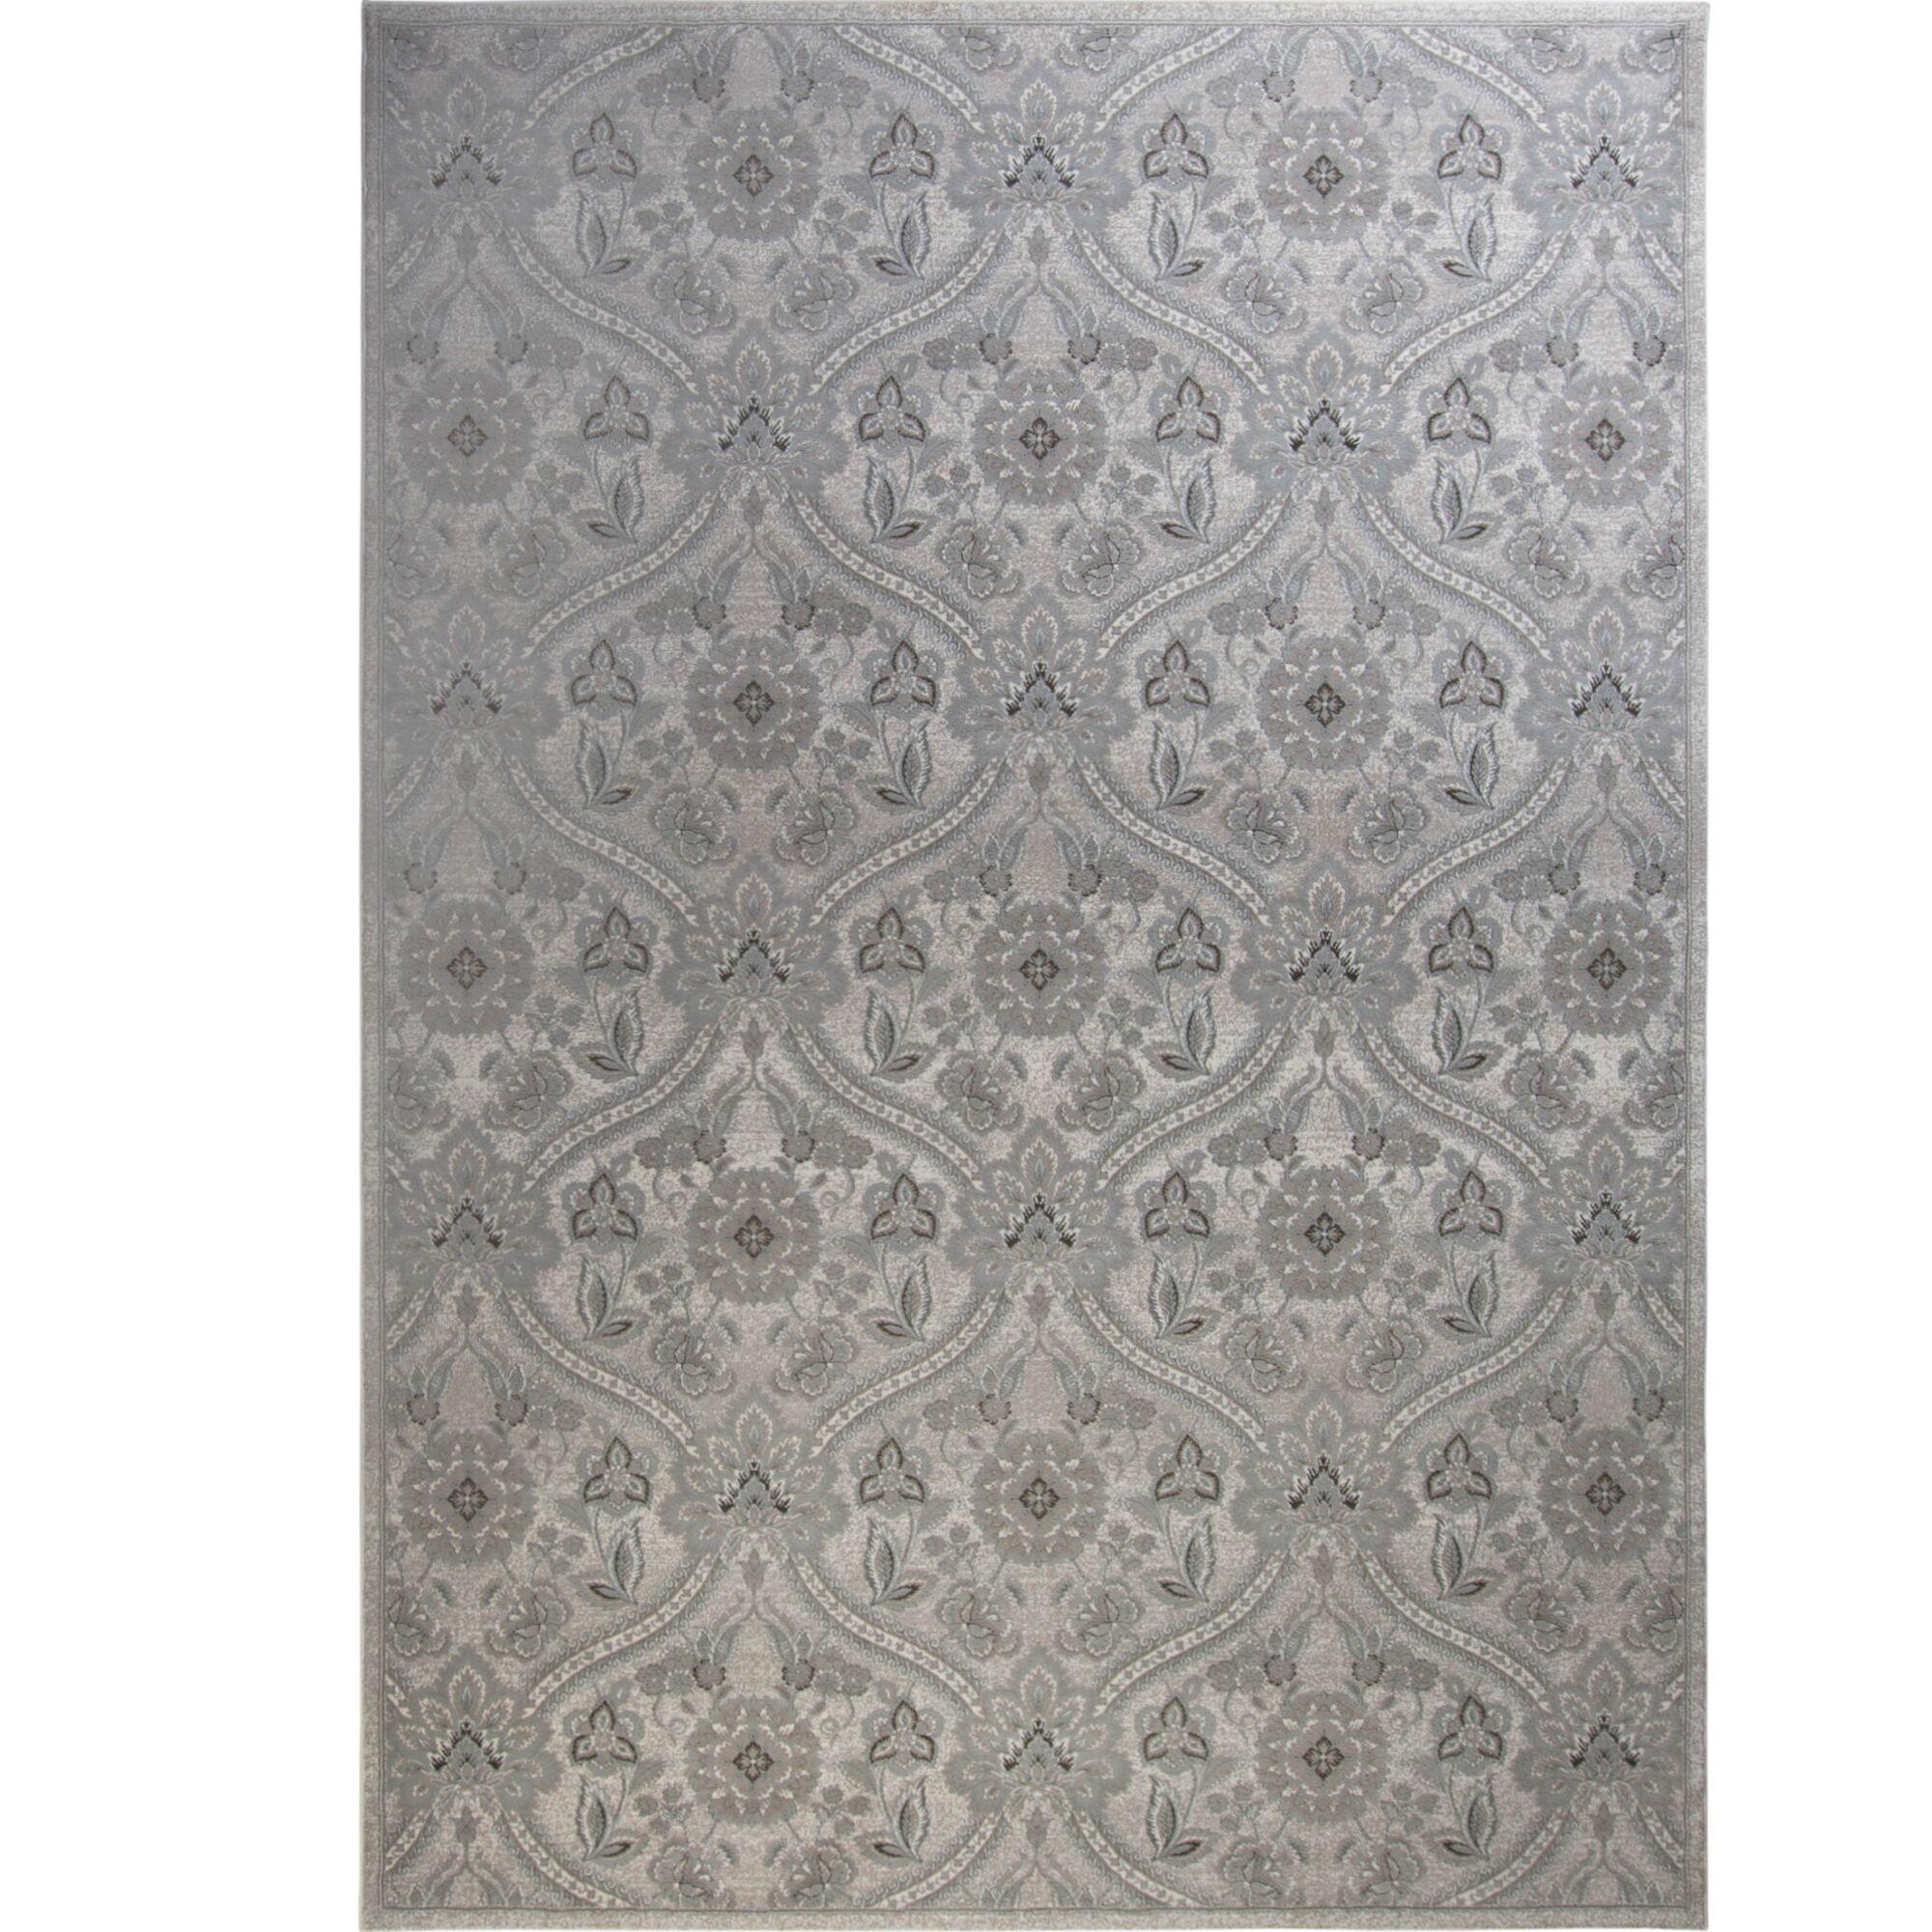 Kayo Damask Ivory Area Rug Rug Size: Rectangle 7'9